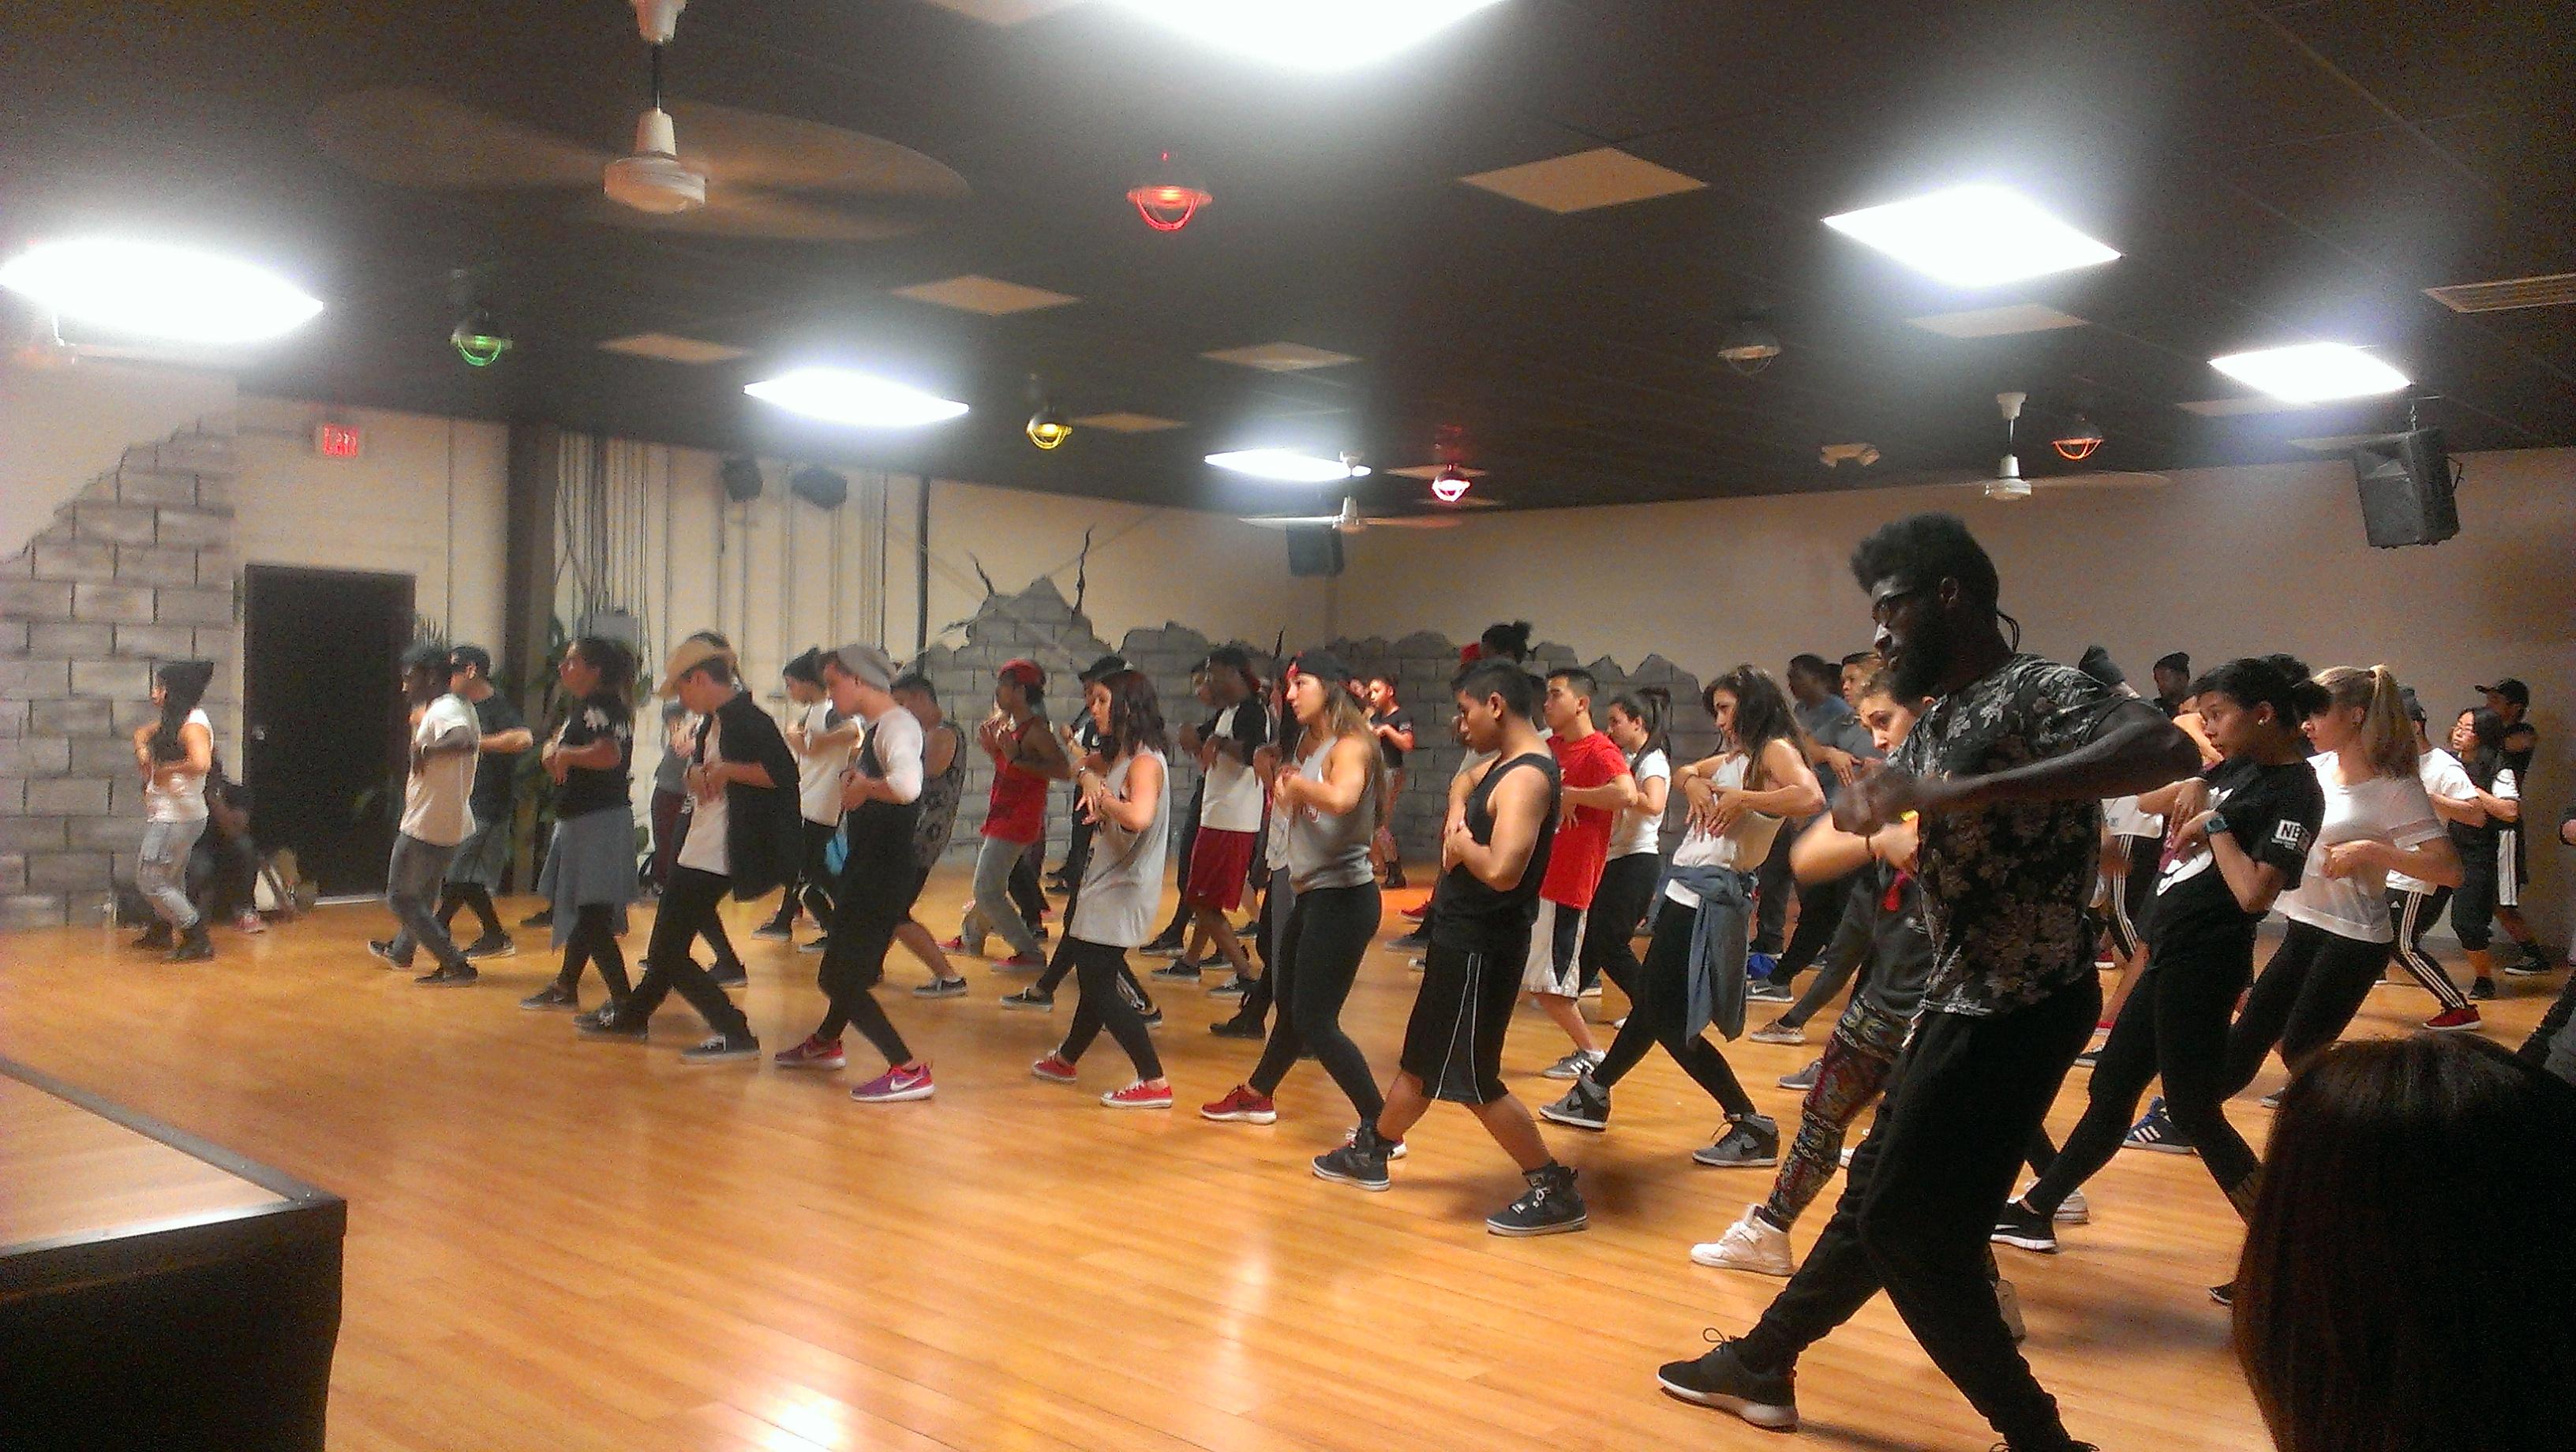 học nhảy giúp người tập luyện luôn cảm thấy trẻ trung, đầy sức sống